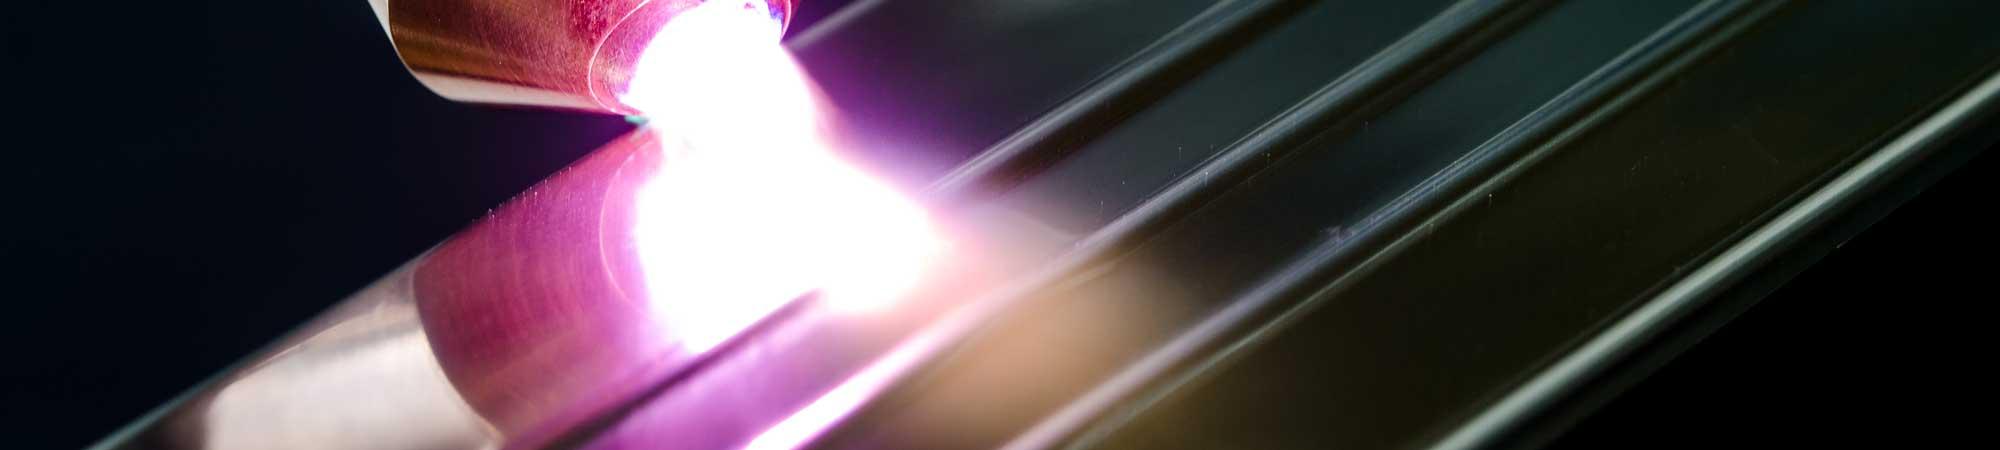 Relyon Plasma Plasmaaktivierung Von Rolle Zu Rolle